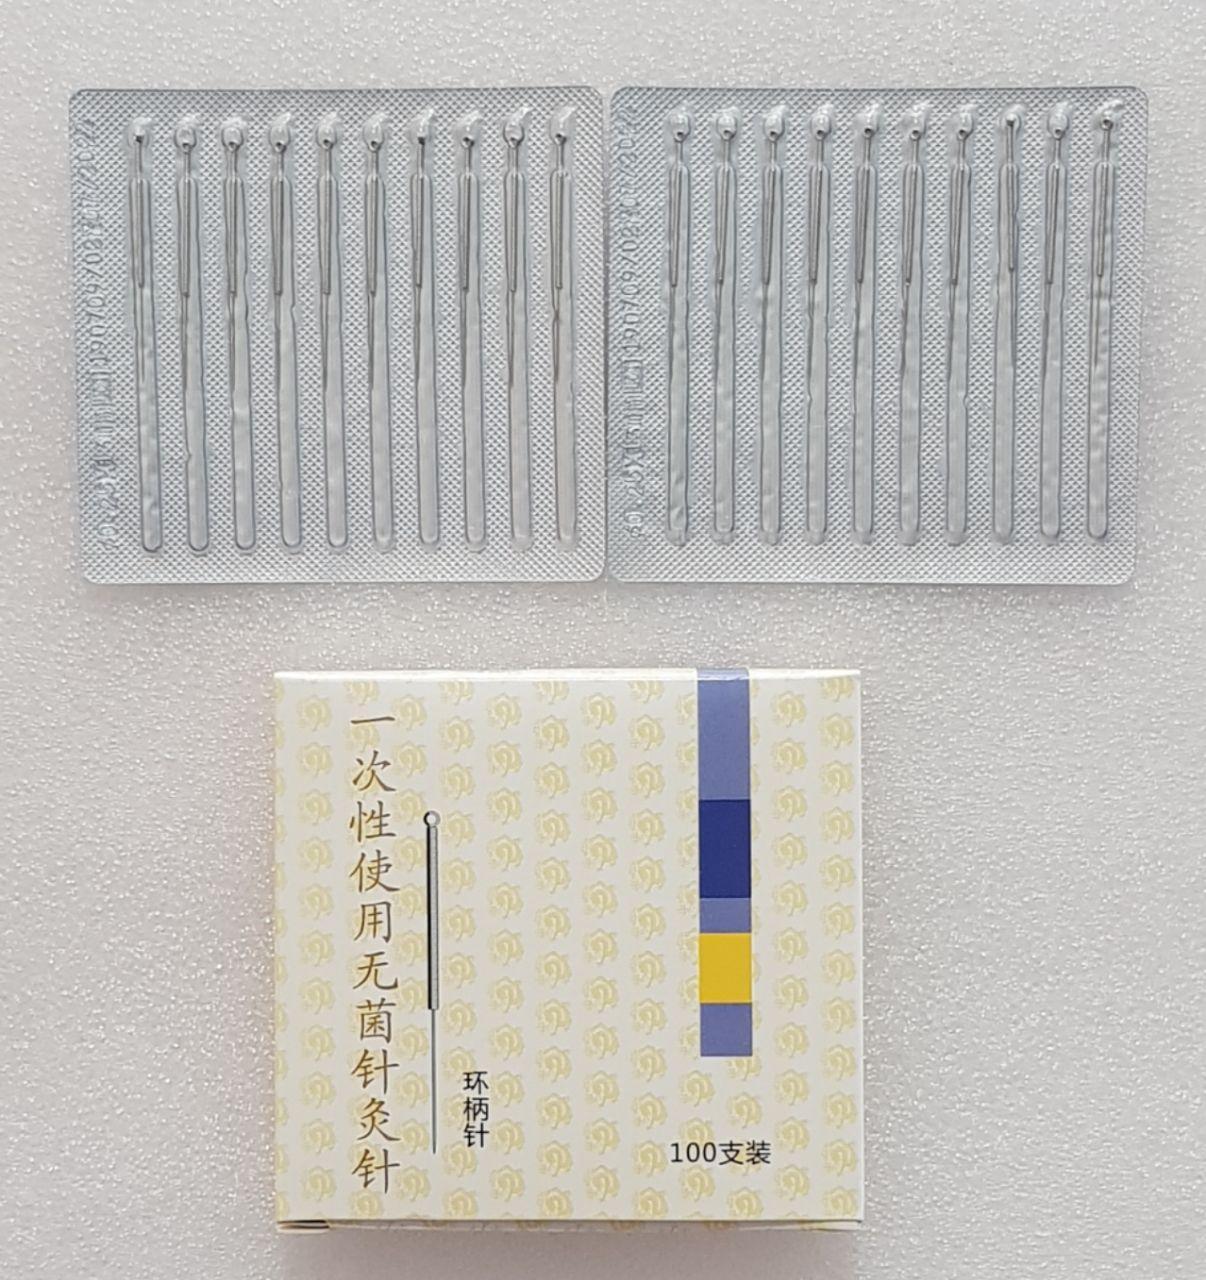 سوزن بیوتی پن 100 عددی یکبار مصرف پلاسماپن و بیوتی پن beauty pen